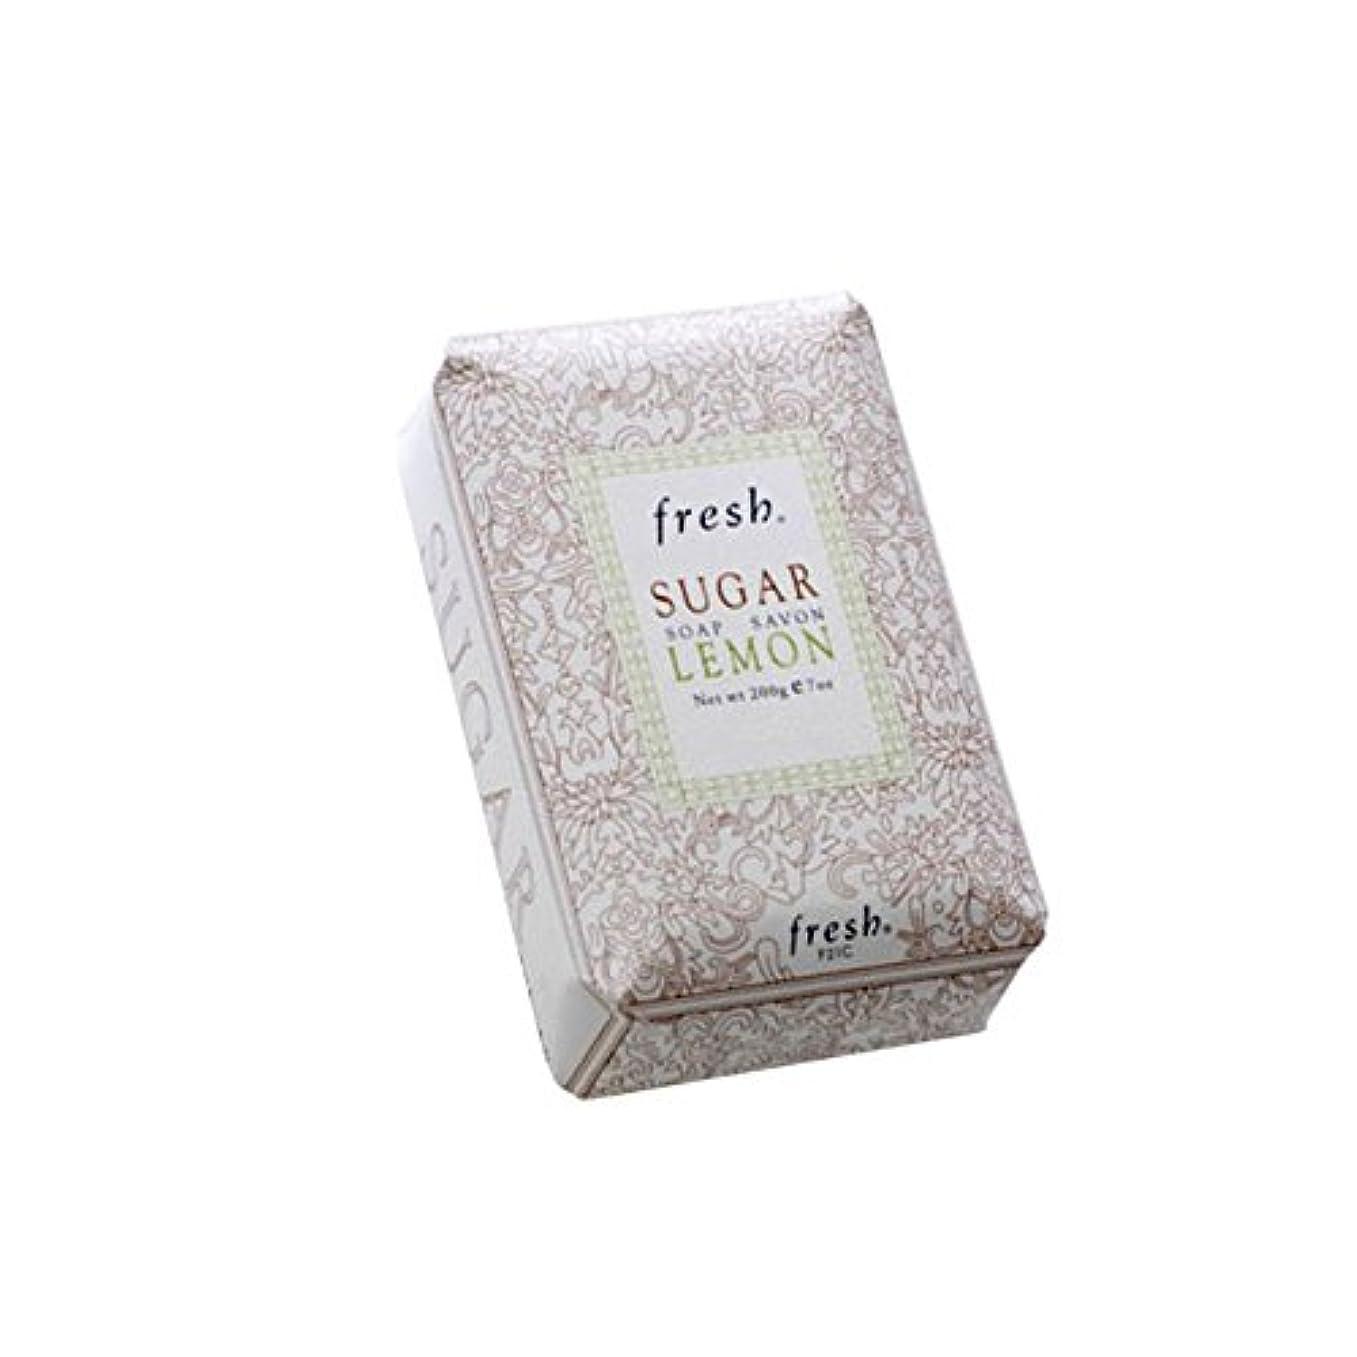 不純滑る制約Freshフレッシュシュガーレモン石鹸 Sugar Lemon Soap, 200g/7oz [海外直送品] [並行輸入品]